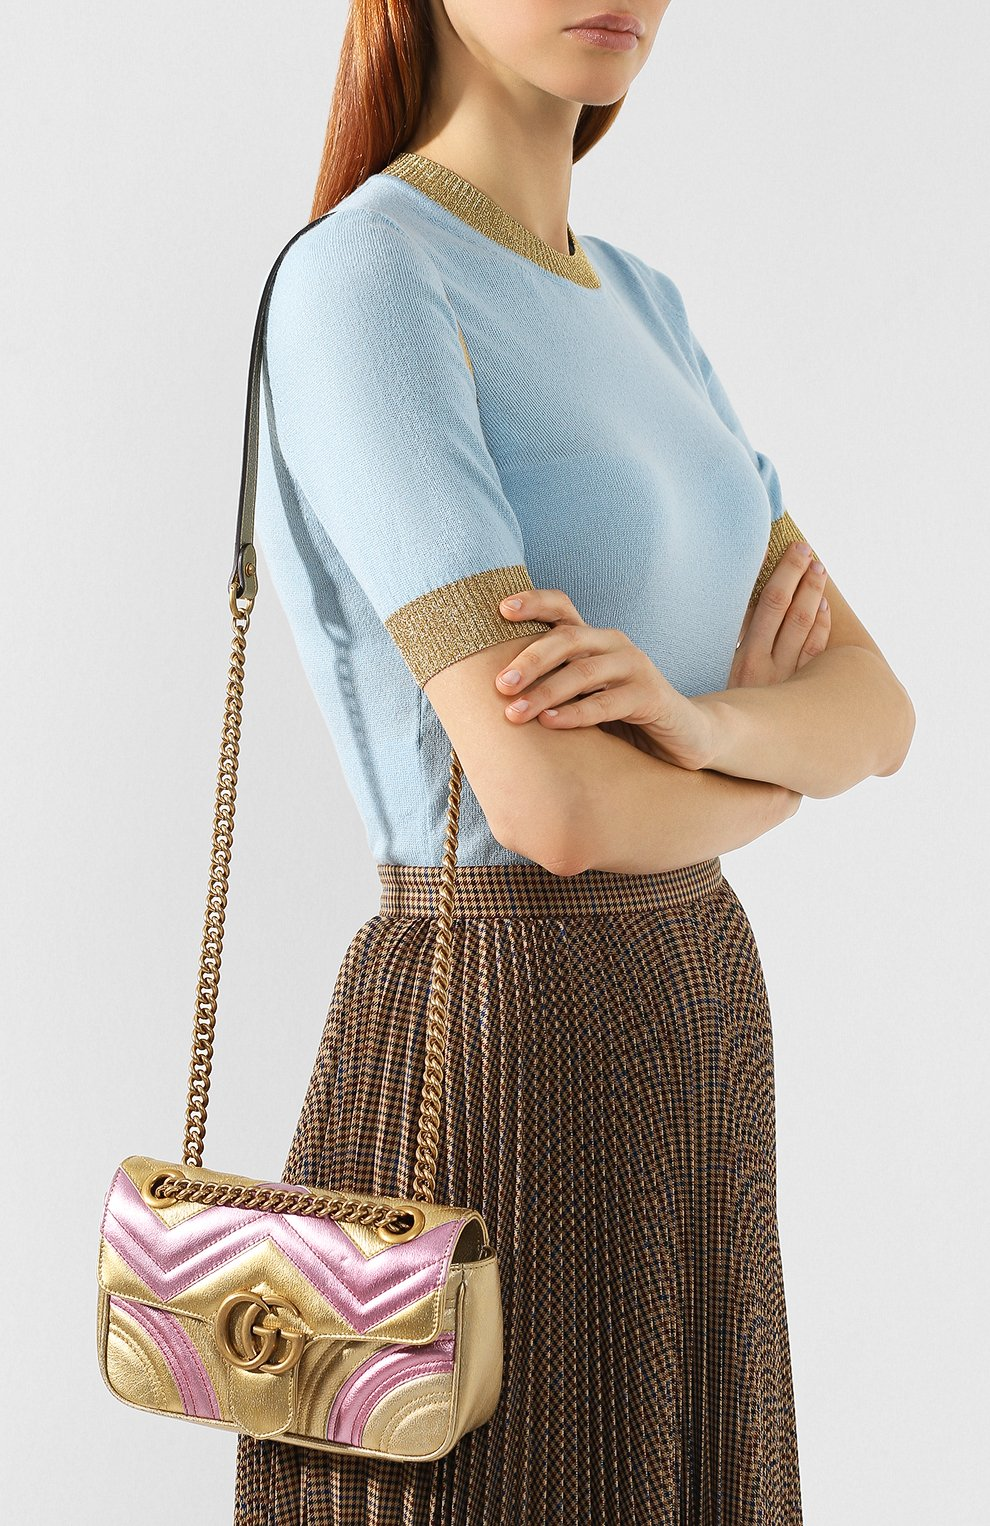 Сумка GG Marmont mini  Gucci золотая цвета   Фото №5